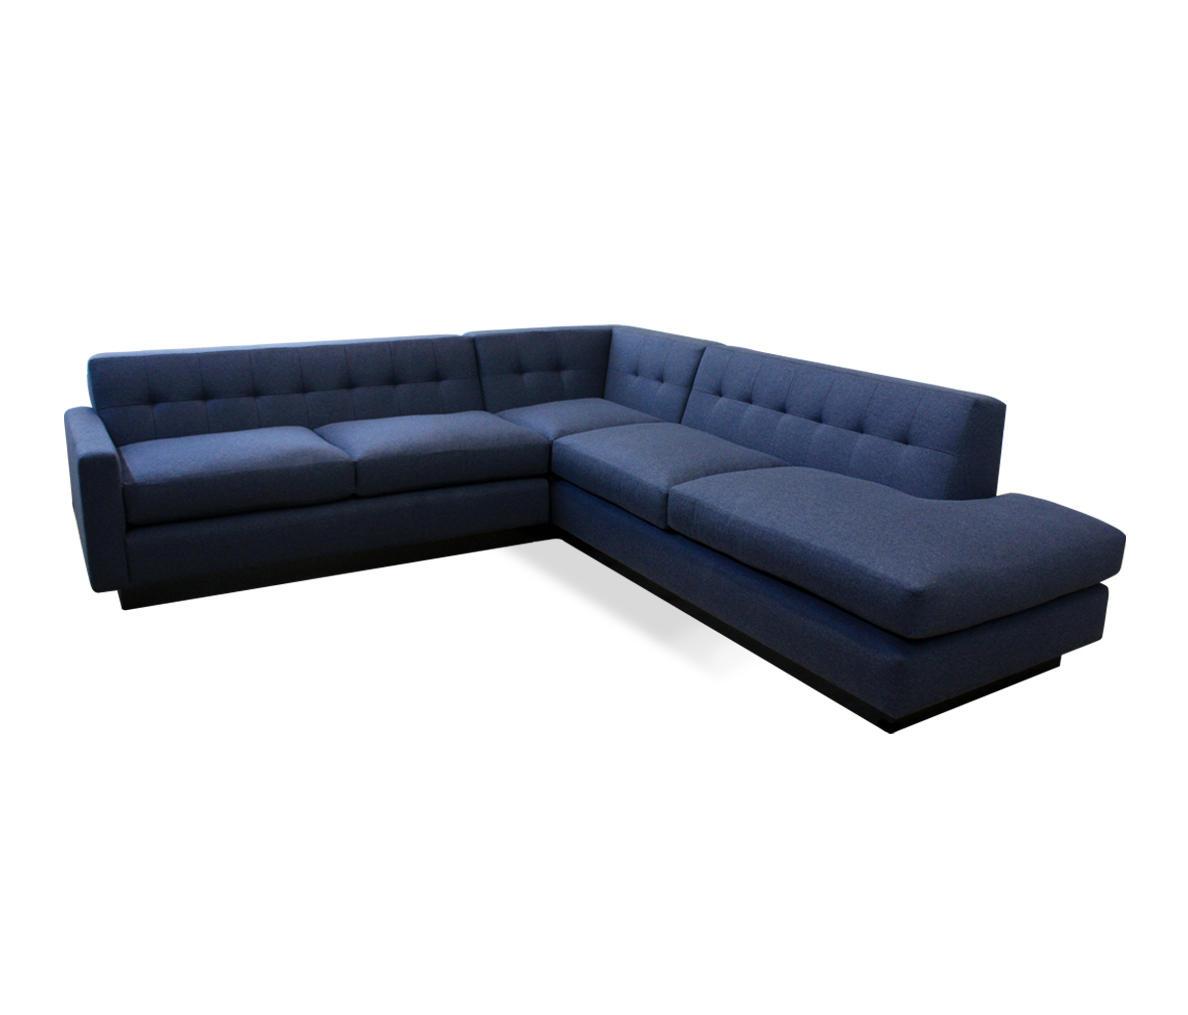 ALDERTON SECTIONAL - Sofas von BESPOKE by Luigi Gentile ...